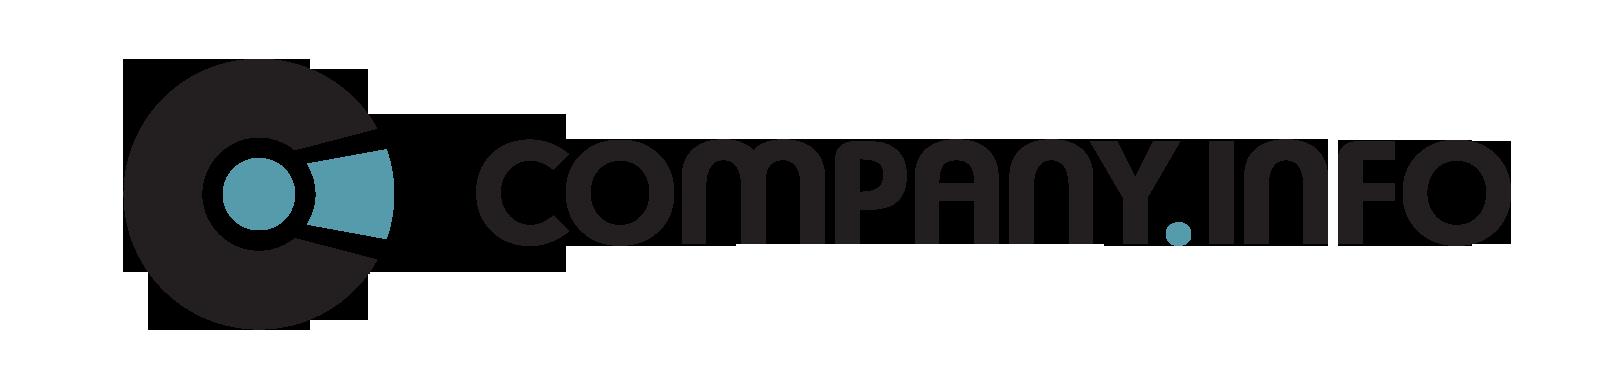 Company_info_logo